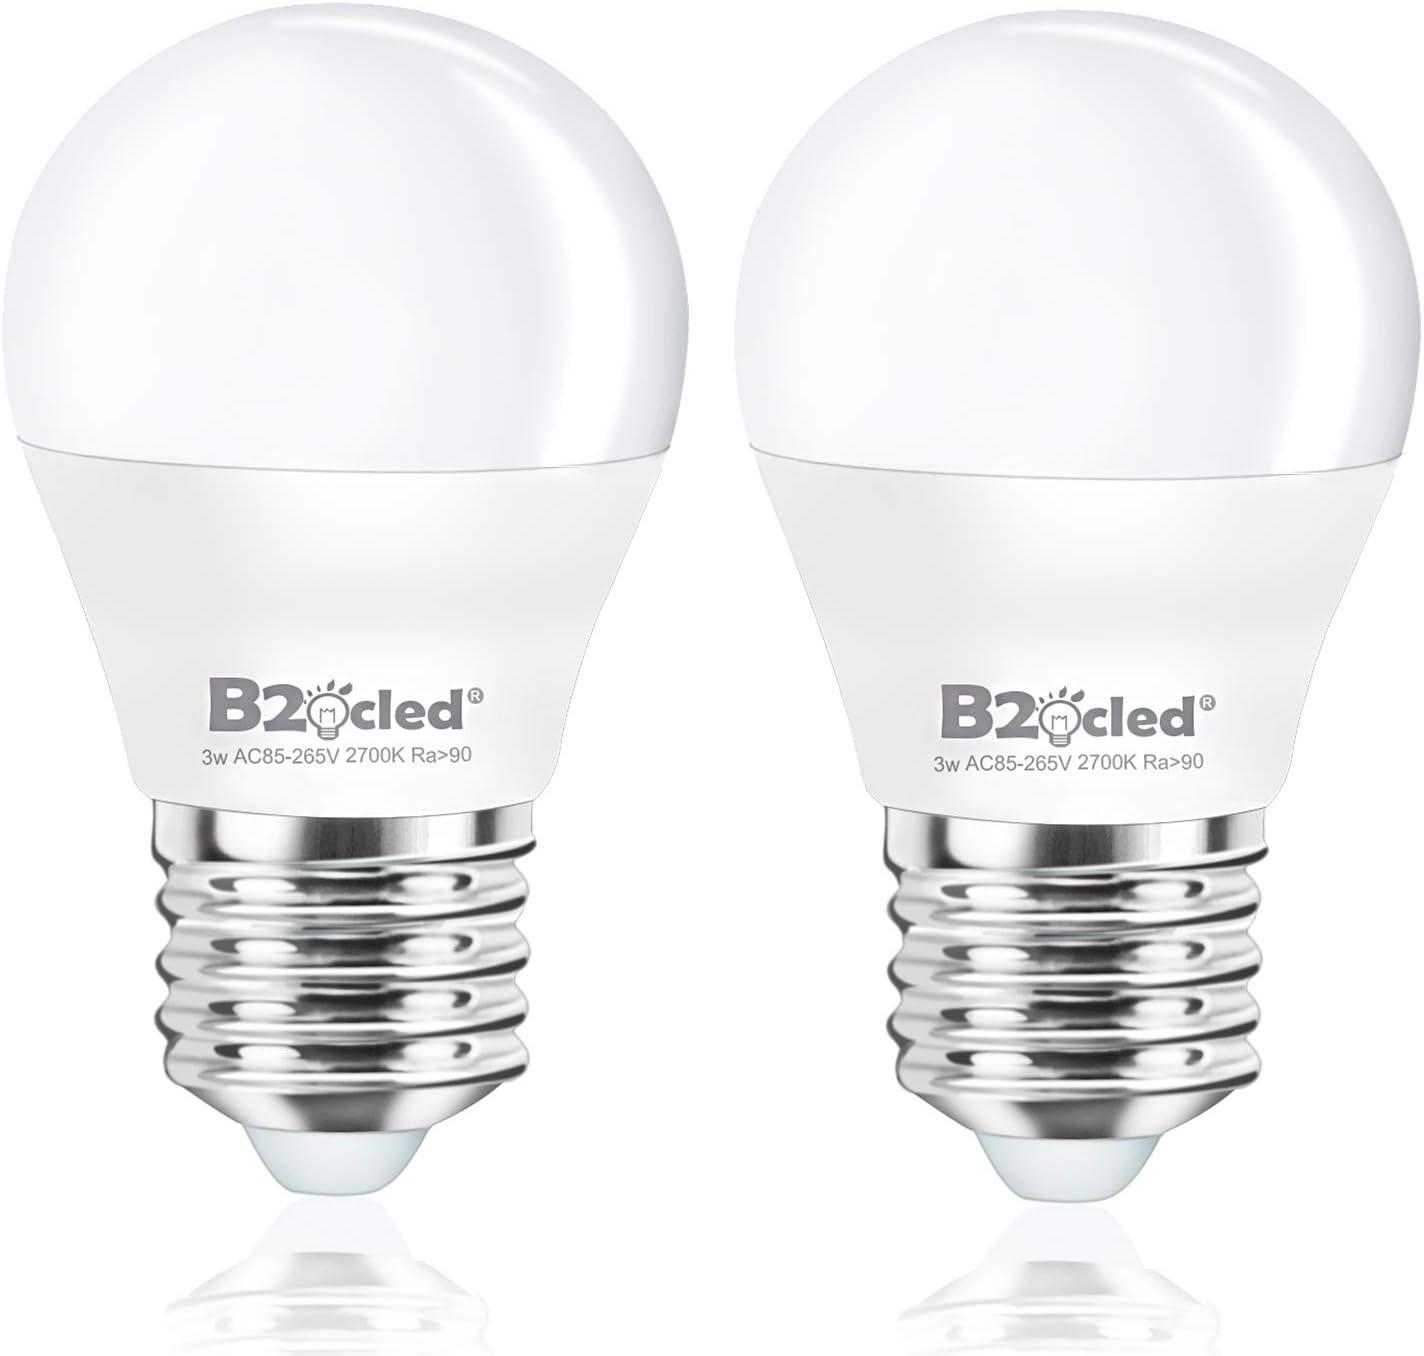 B2ocled Led Light Bulb 3w 25 Watt Equivalent A15 Lamp Warm White 2700k Cri90 Non Dimmable E26 E27 Base For Home Lighting Decorative 240 Lumen 2 Pack